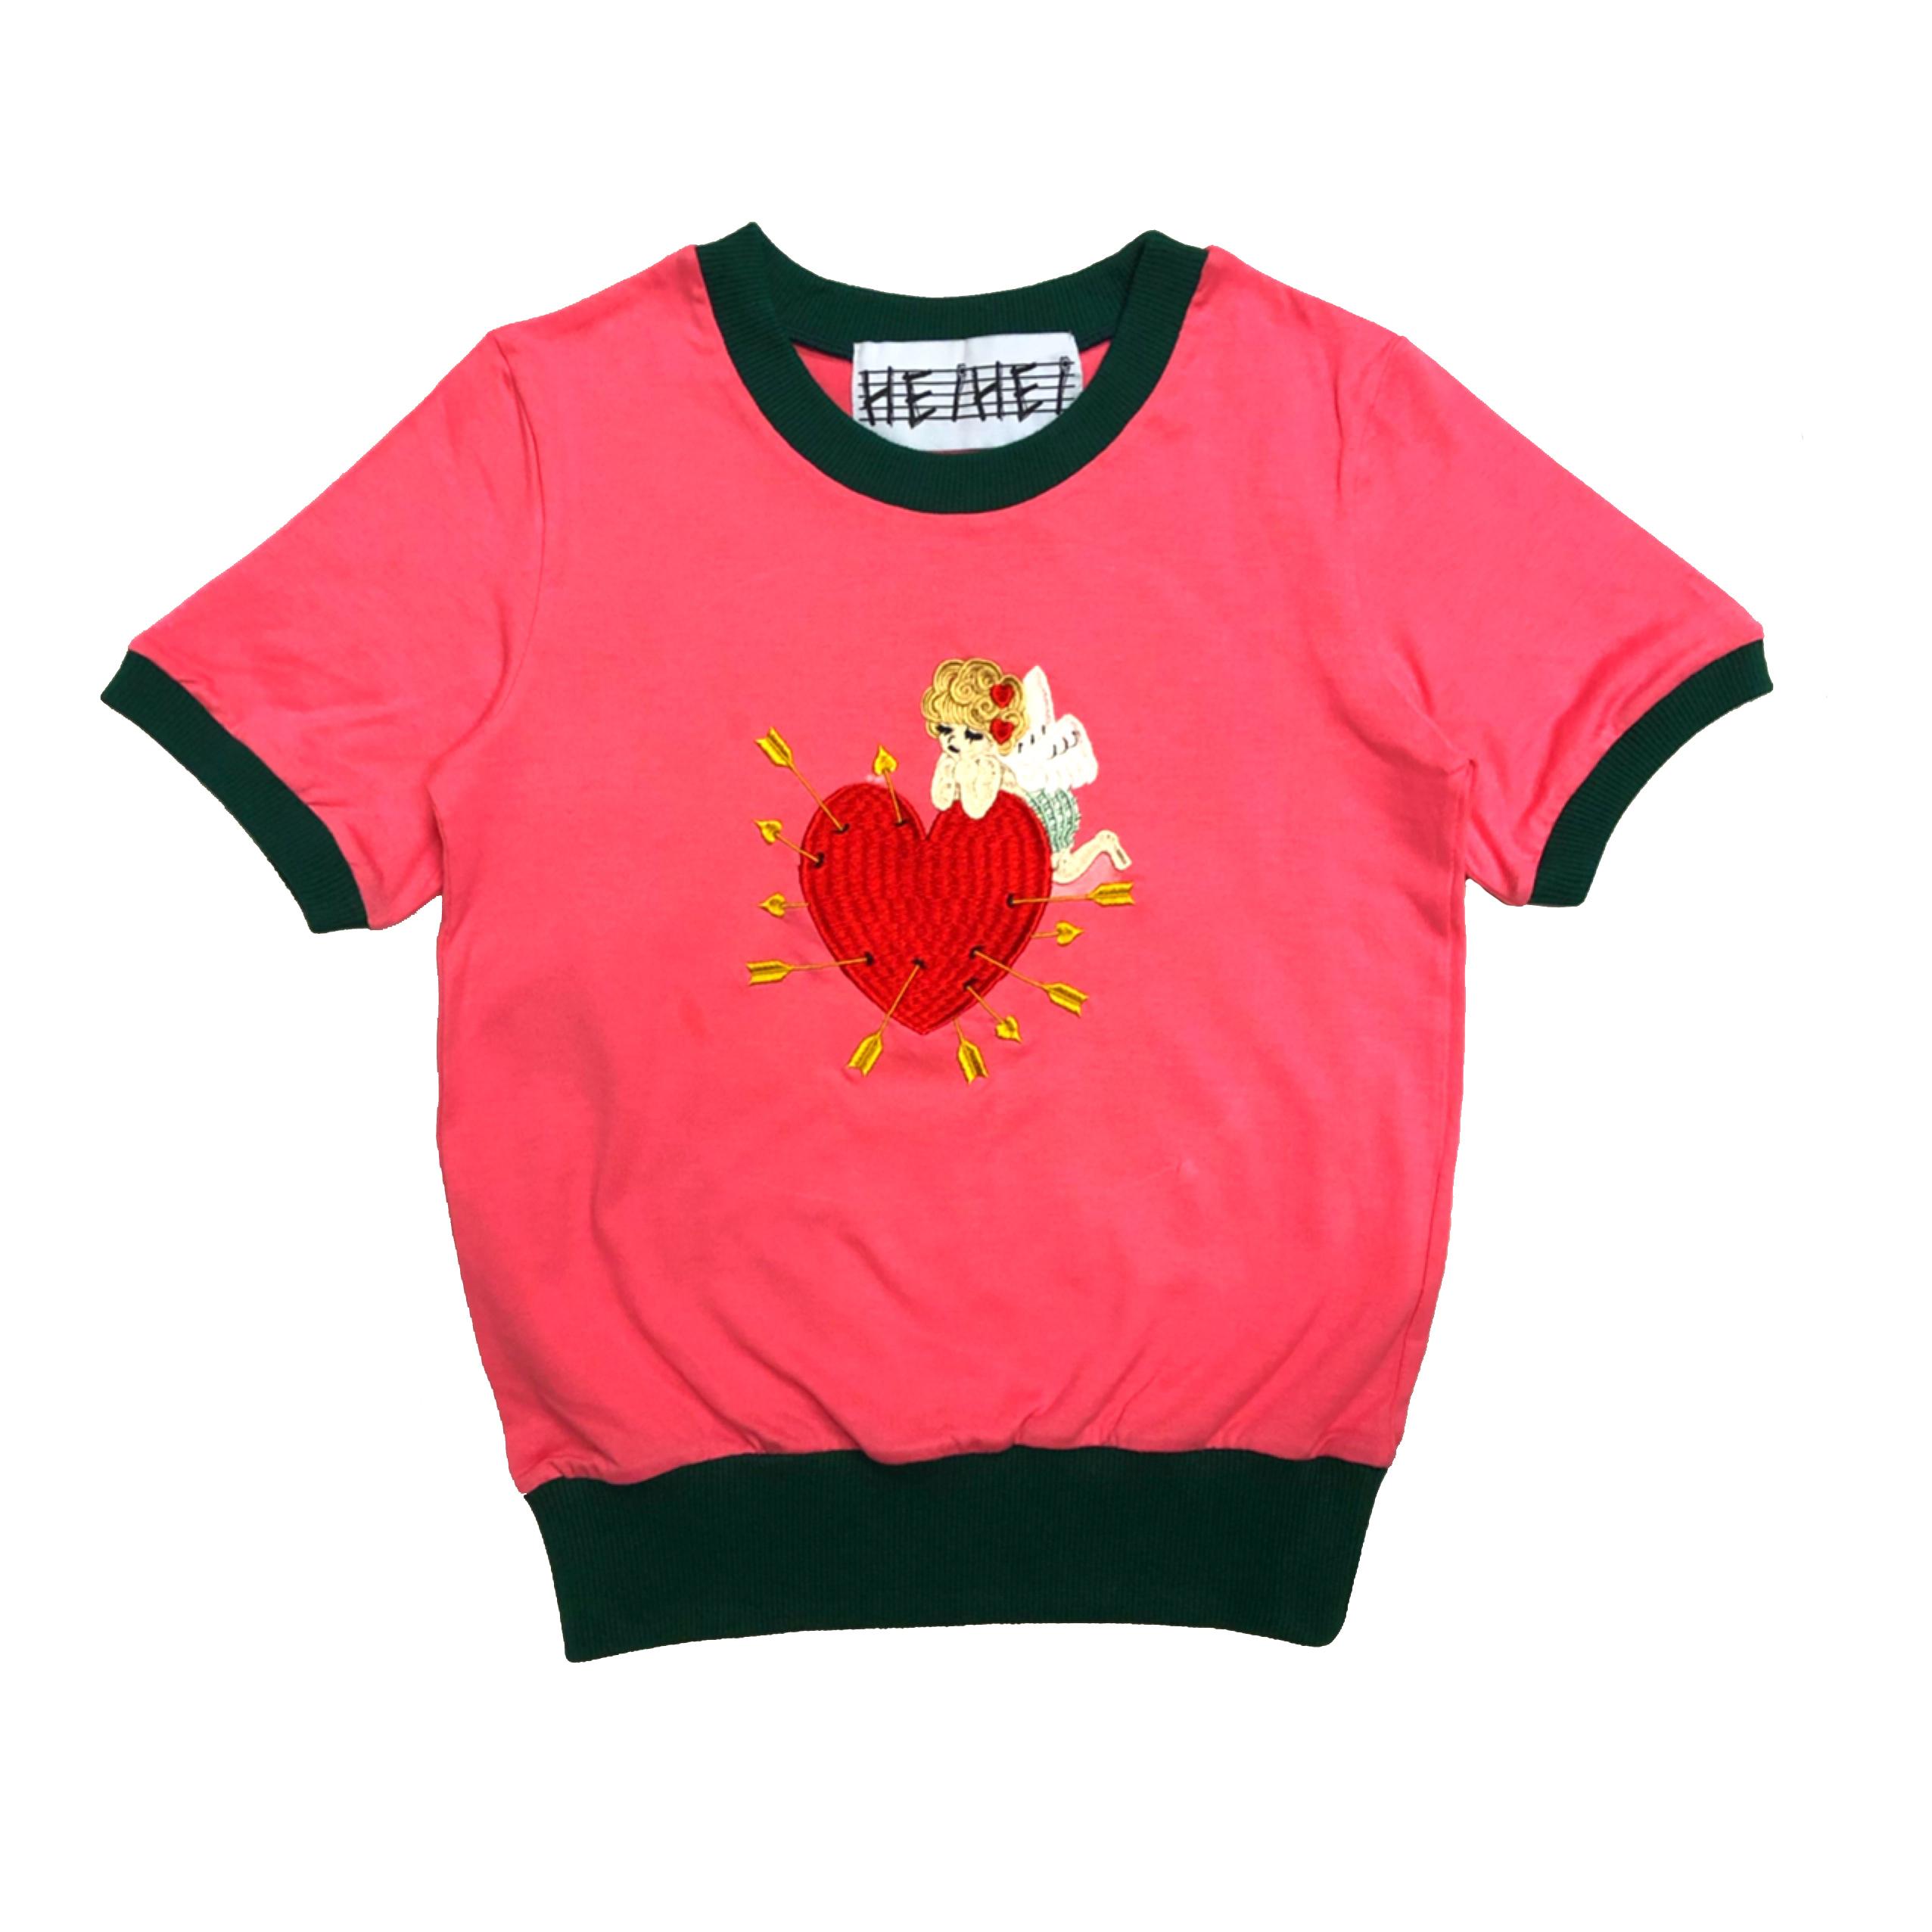 刺繍POPミニTシャツ(天使/PINK)